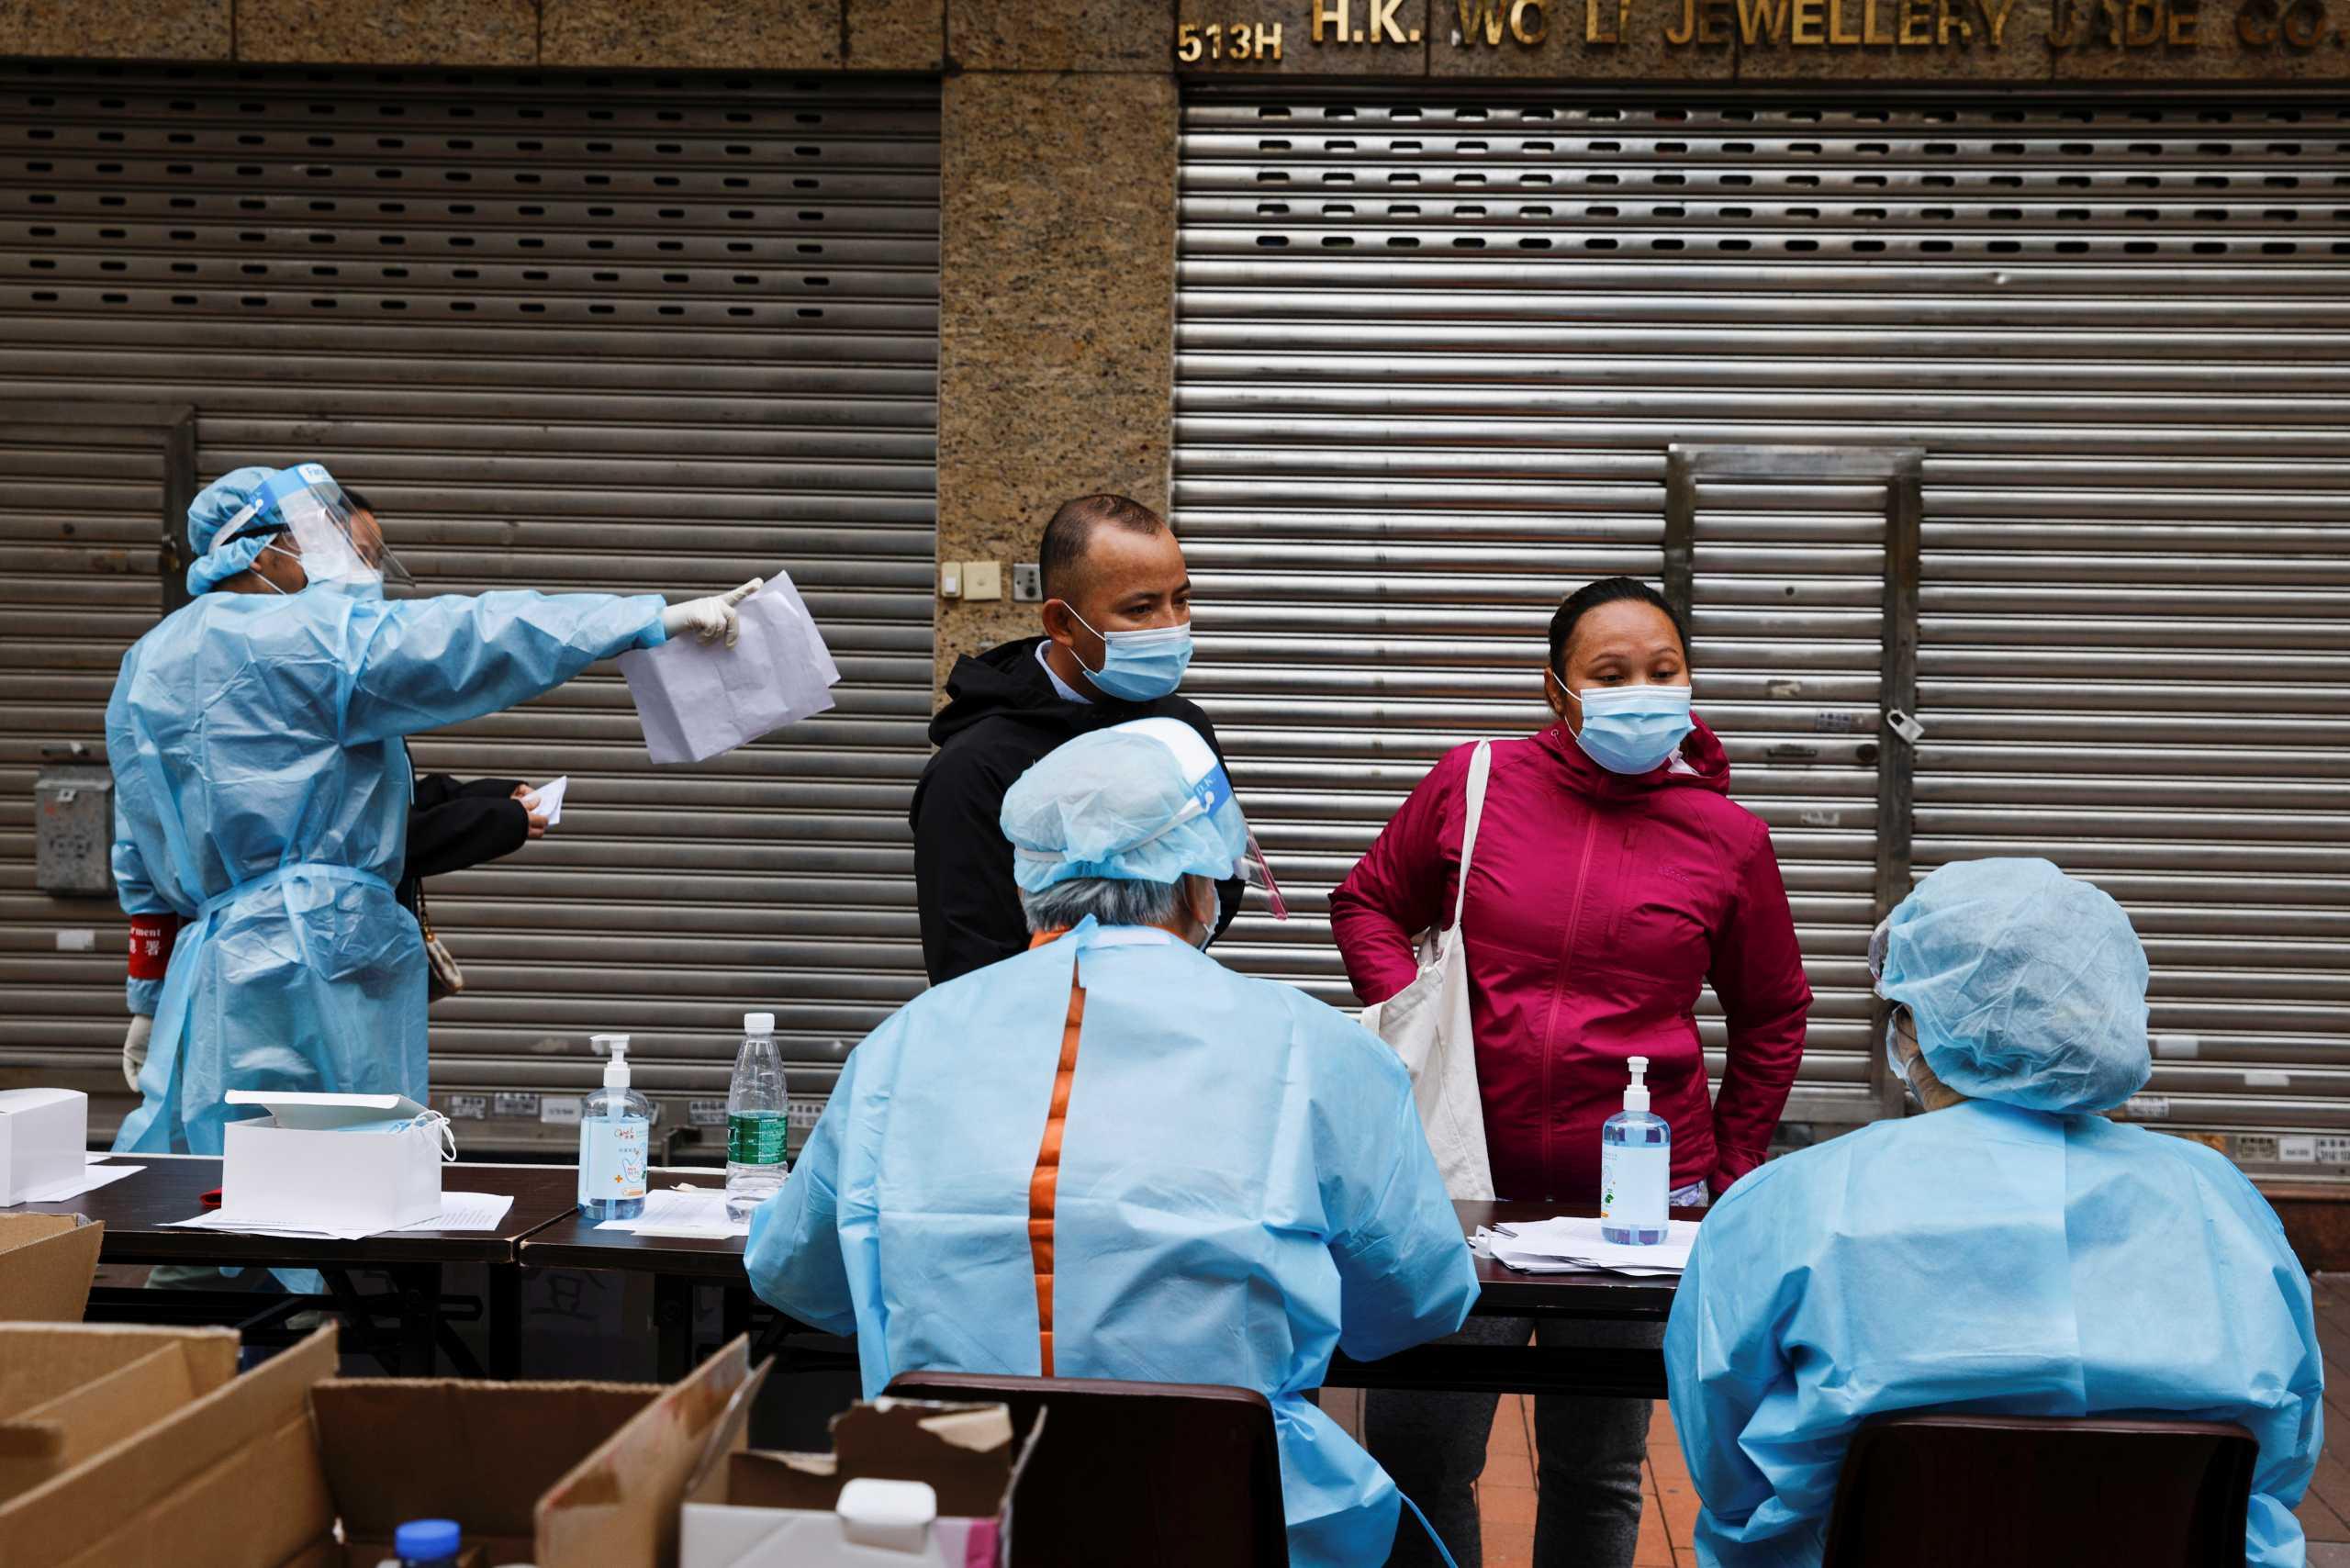 Ο κορονοϊός φέρνει για πρώτη φορά σκληρά μέτρα στο Χονγκ Κονγκ – Σε lockdown δεκάδες χιλιάδες πολίτες